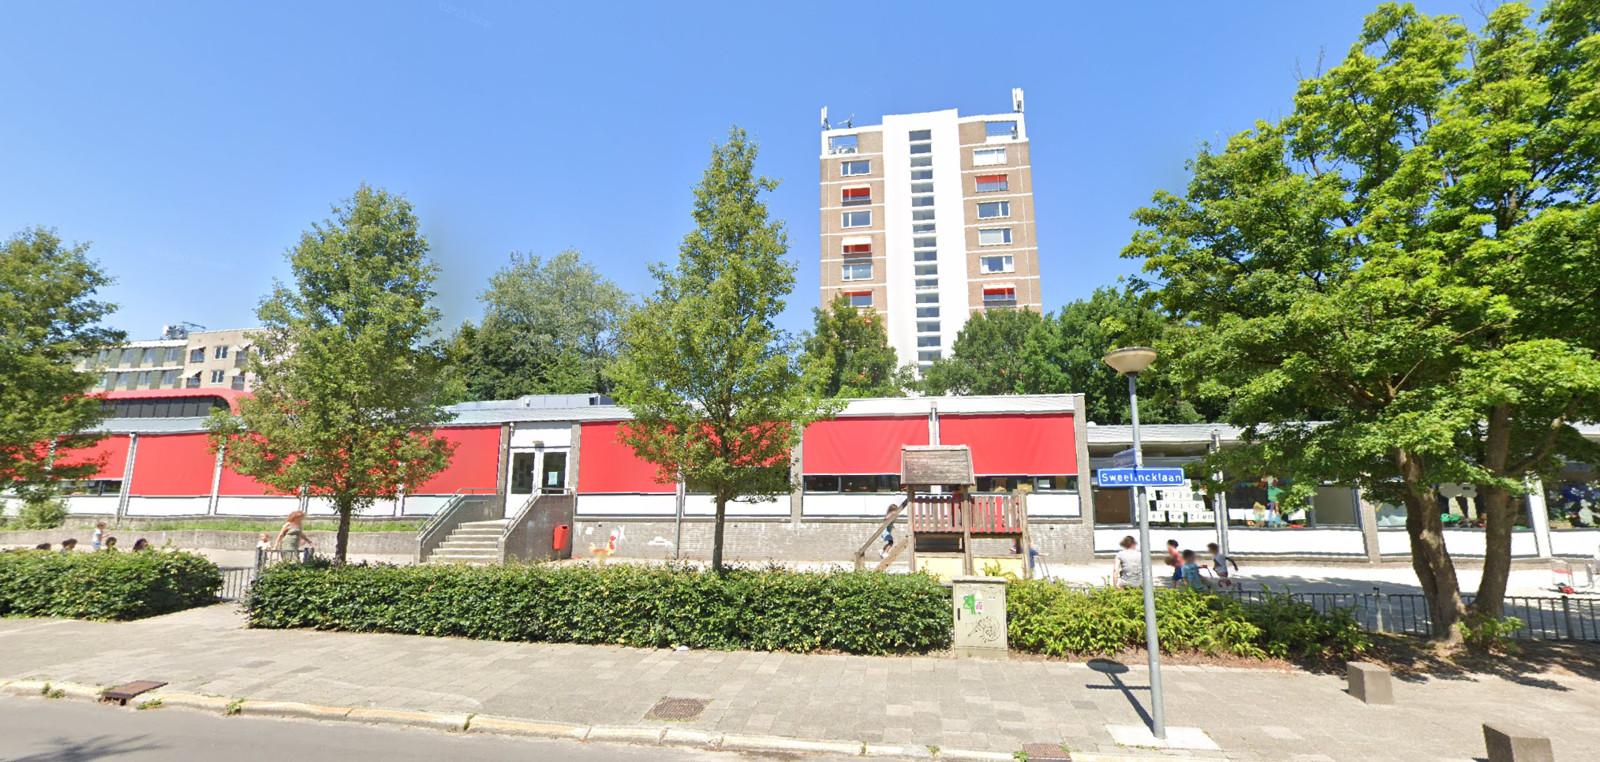 De basisschool in Groningen.